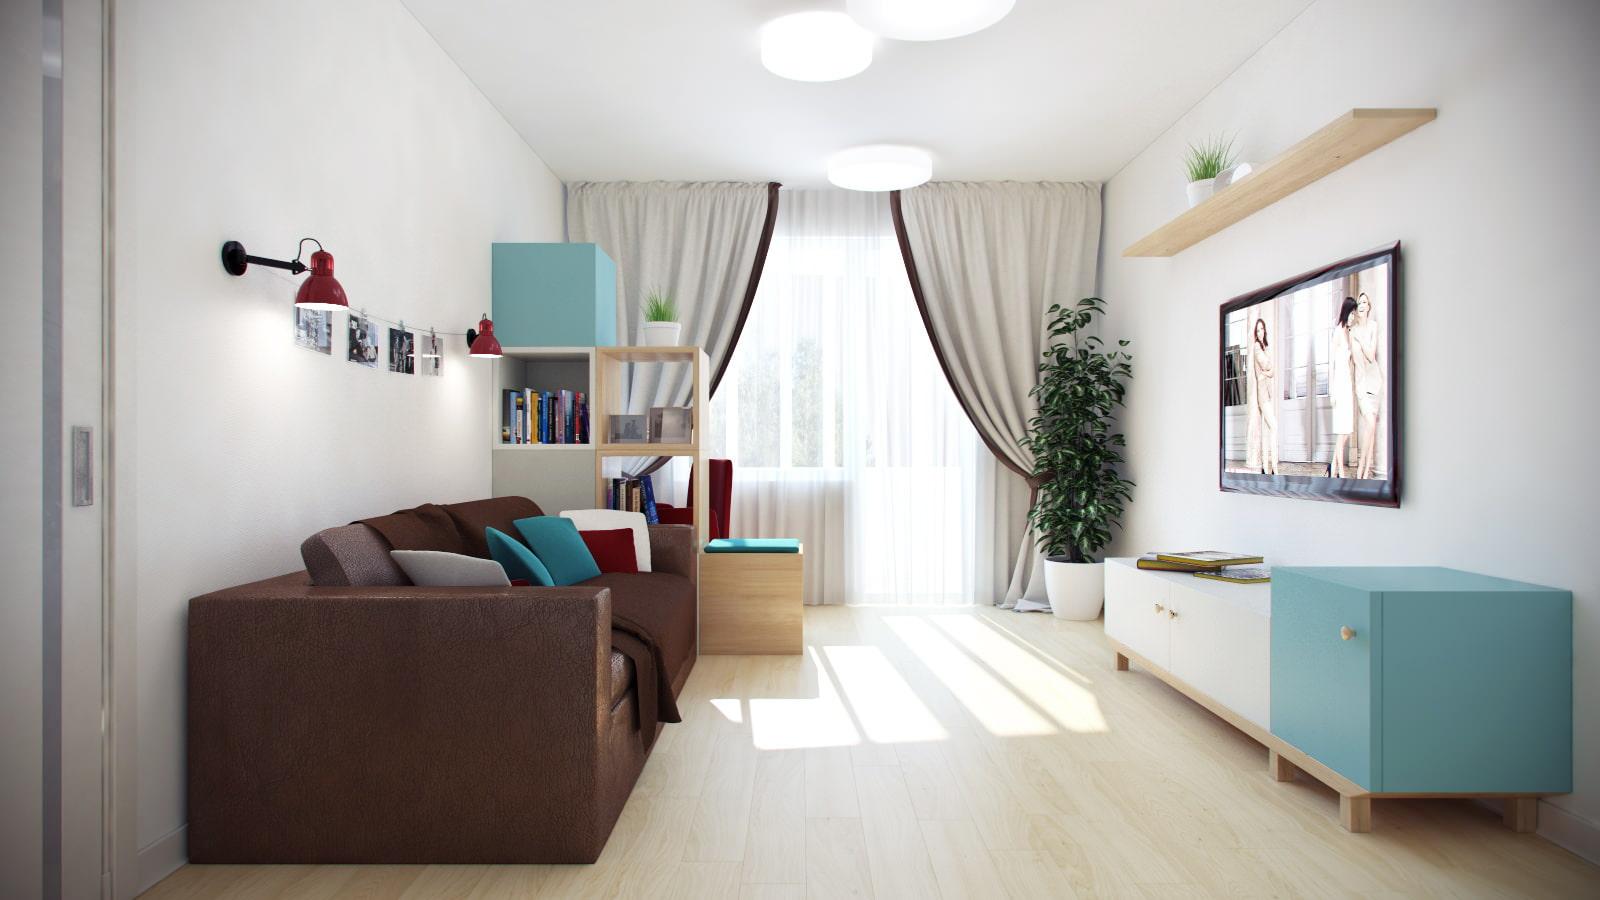 Дизайн проект двухкомнатной квартиры 55 метров